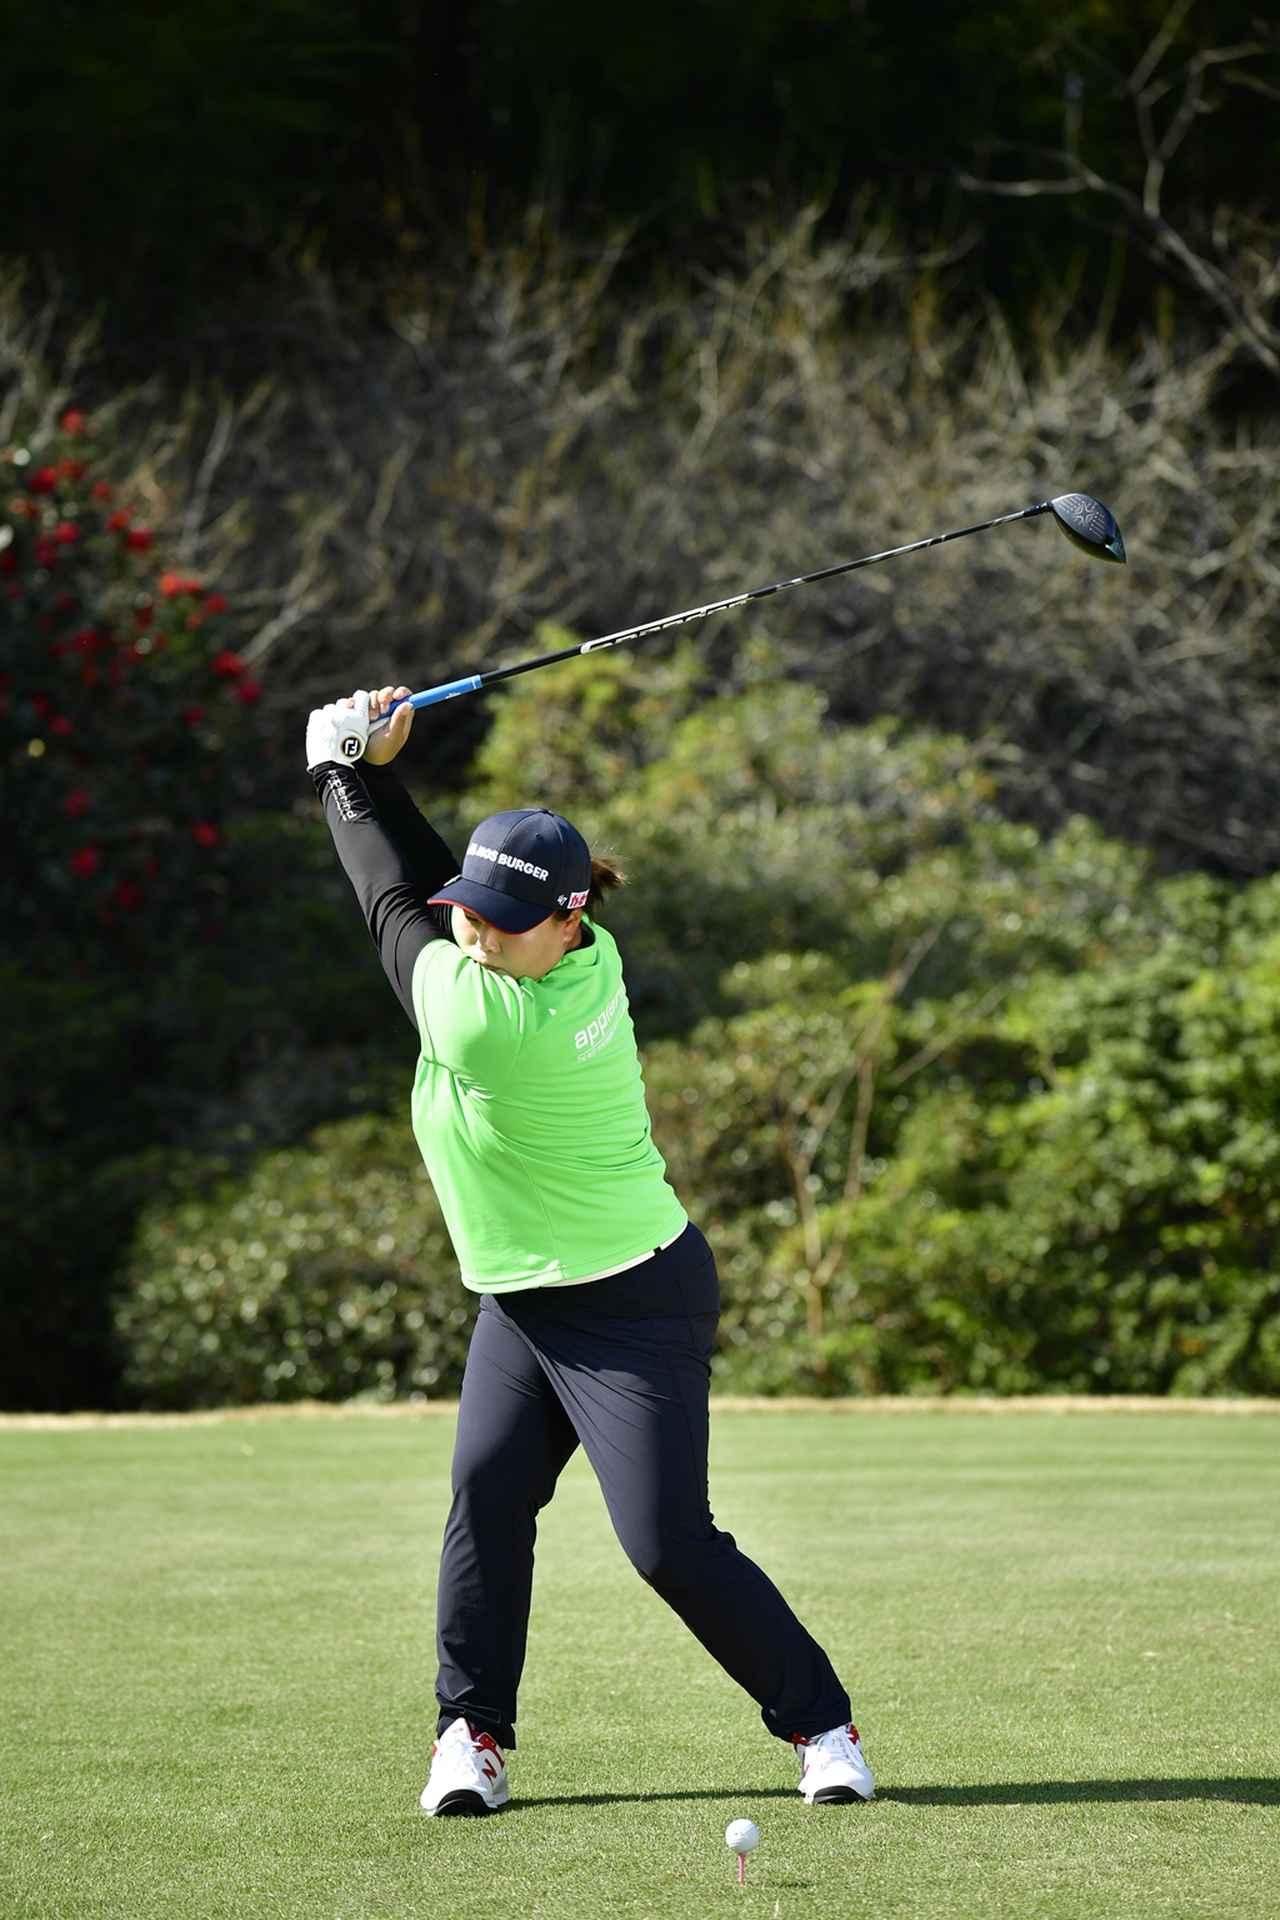 画像 : 8番目の画像 - アン・ソンジュのドライバー連続写真 - みんなのゴルフダイジェスト